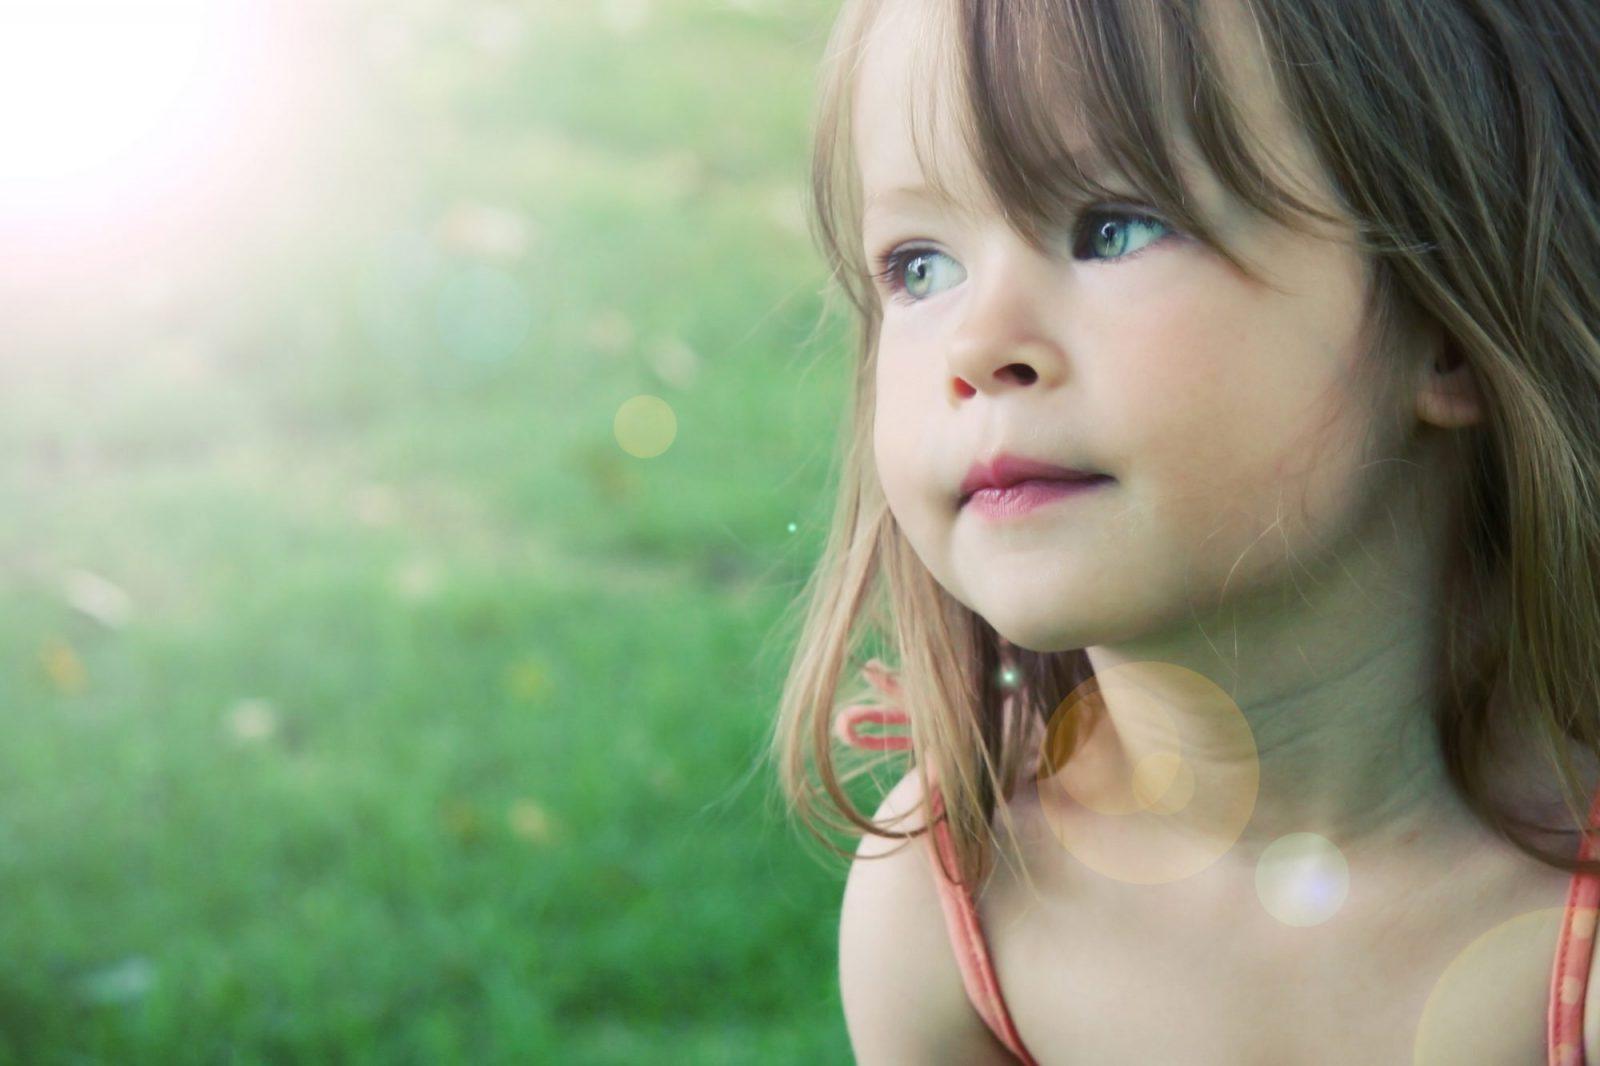 Hoe Help Je Een Onzeker Kind Van 4, 5 Of 6 Jaar Oud?